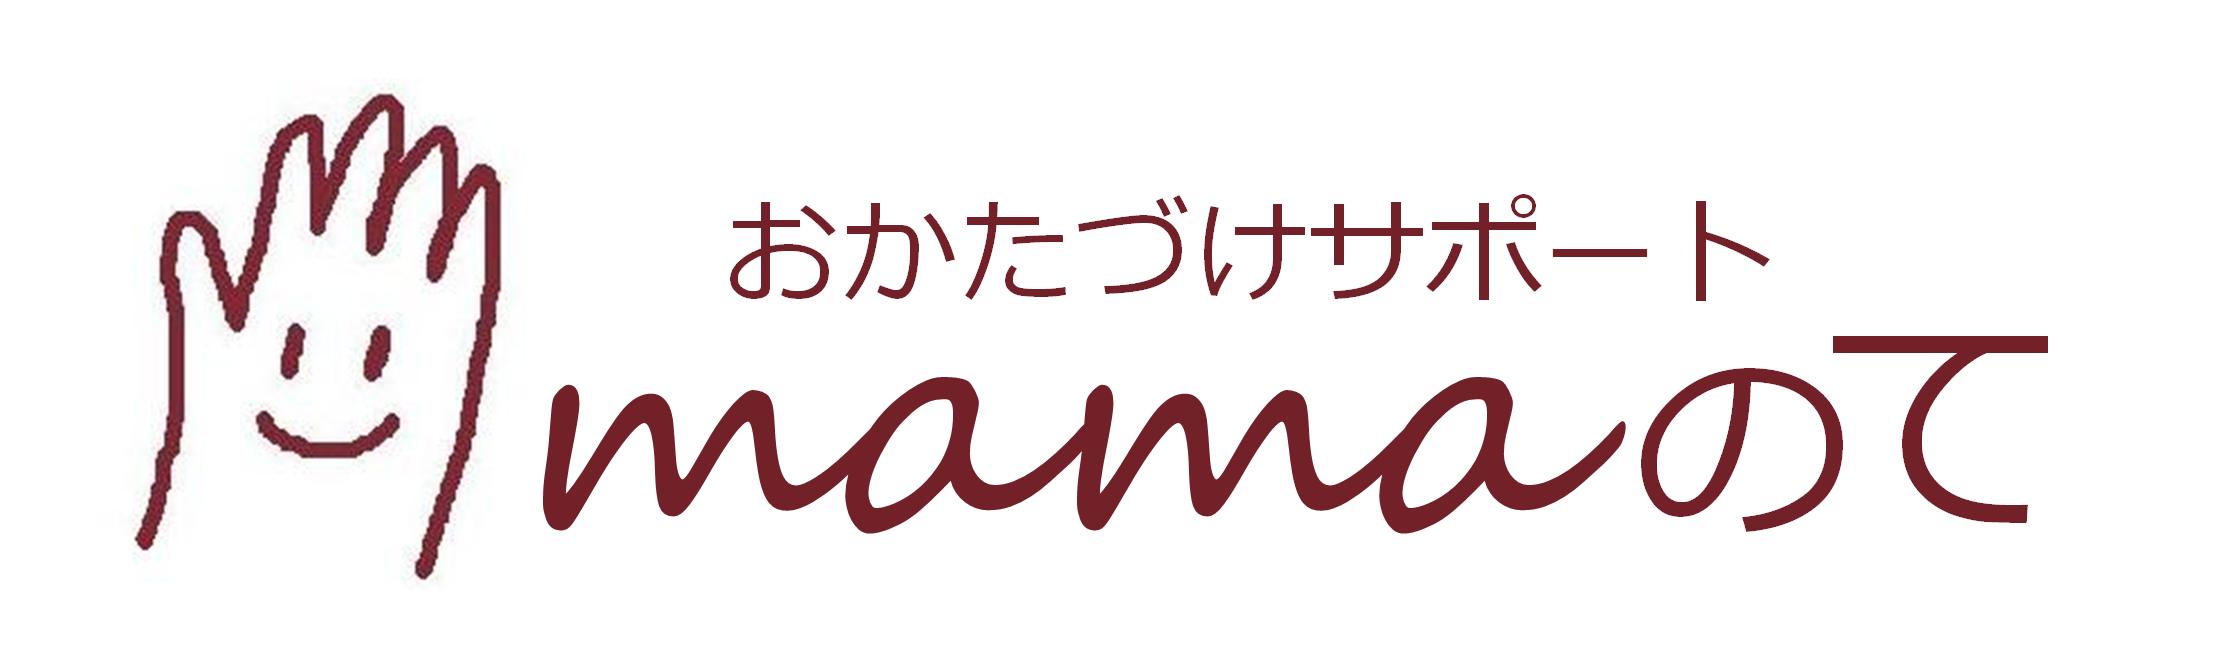 長野県 軽井沢町 佐久市│おかたづけサポート mamaのて(ままのて)山口あや